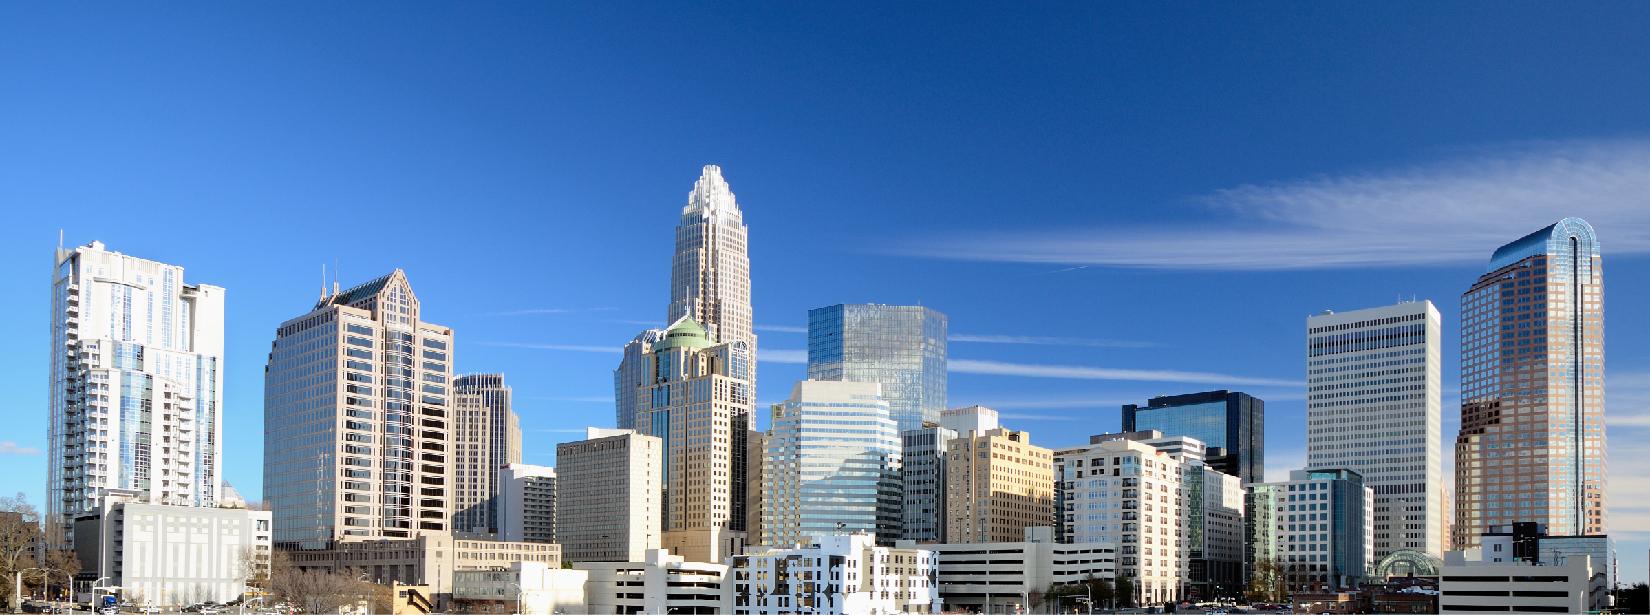 & Marketing Inc-Charlotte-North Carolina-USA